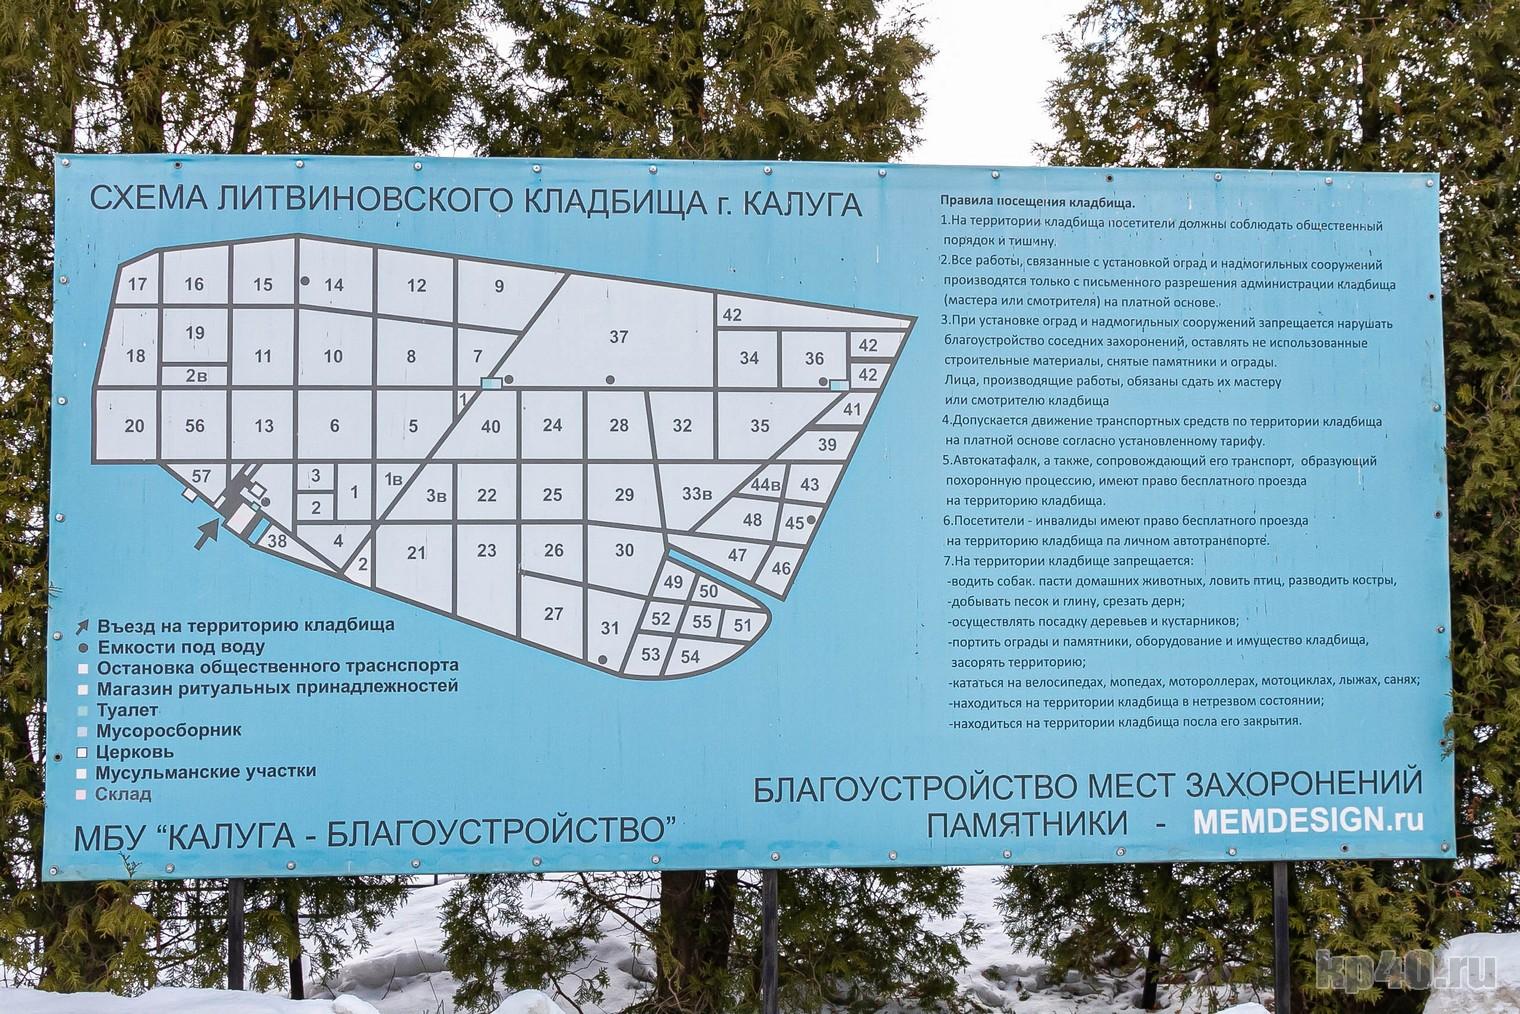 калуга литвиновское кладбище схема как доехать график работы